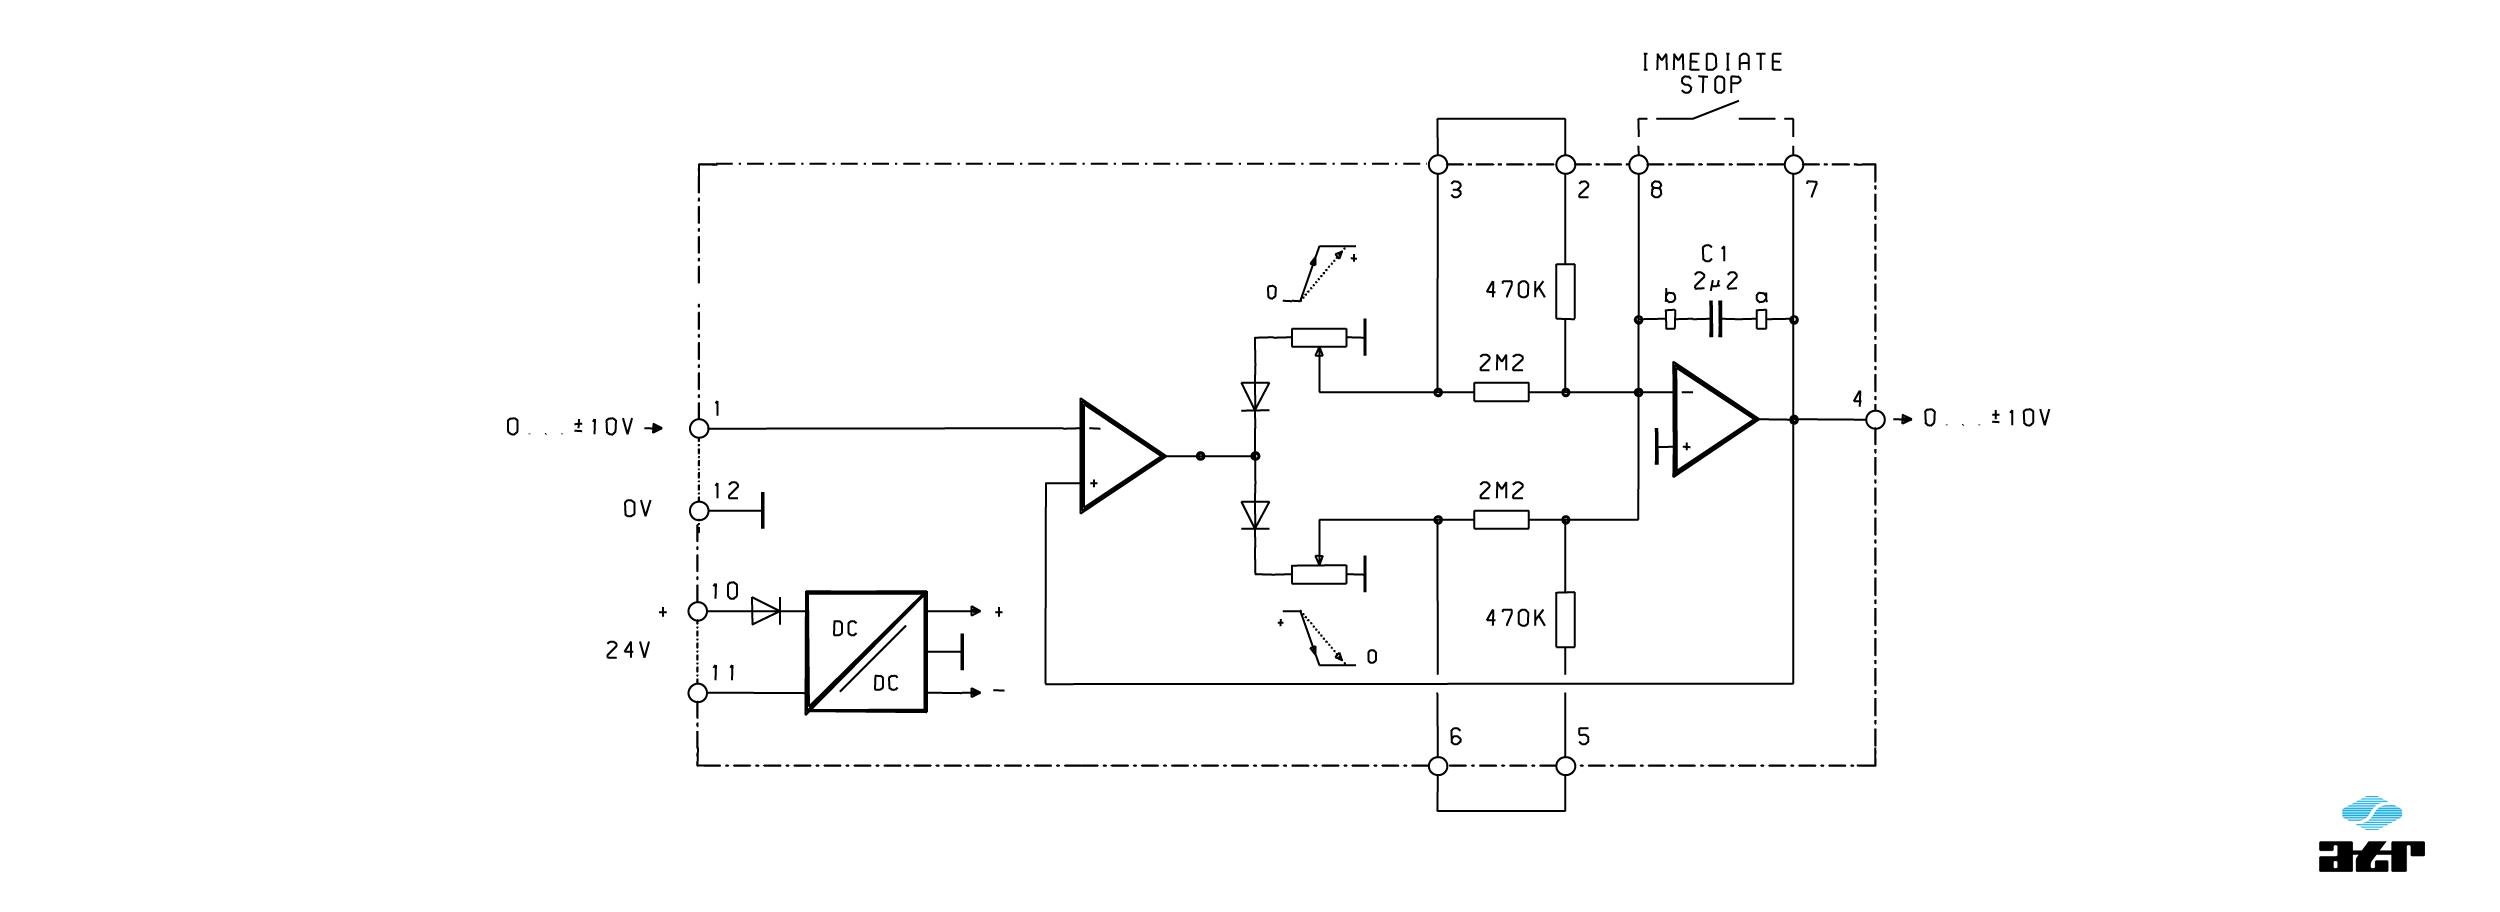 Anschlussplan: ATR Analoge Signalverarbeiter IM31